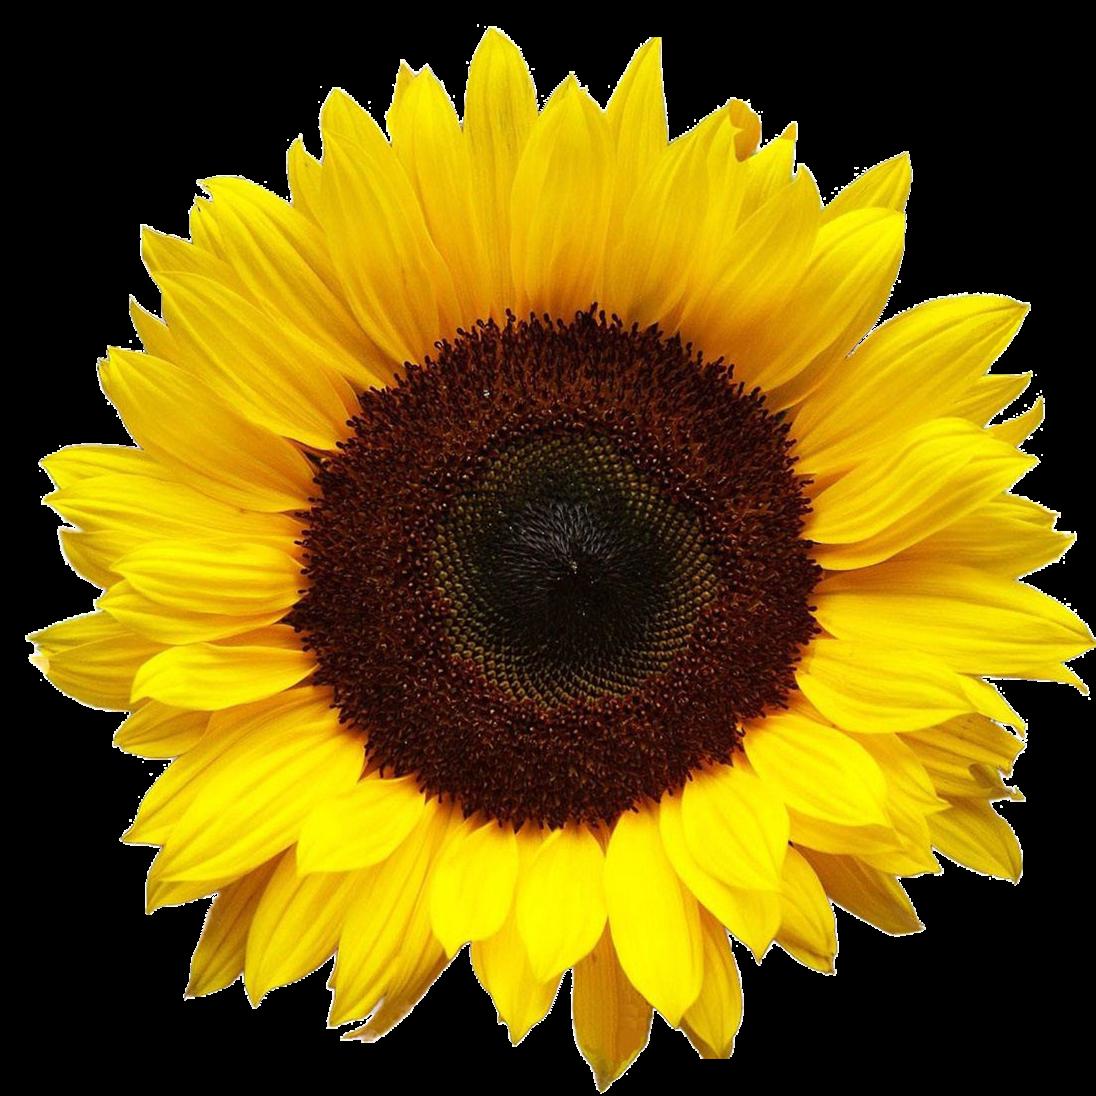 Gardening clipart tall sunflower. How do i feel